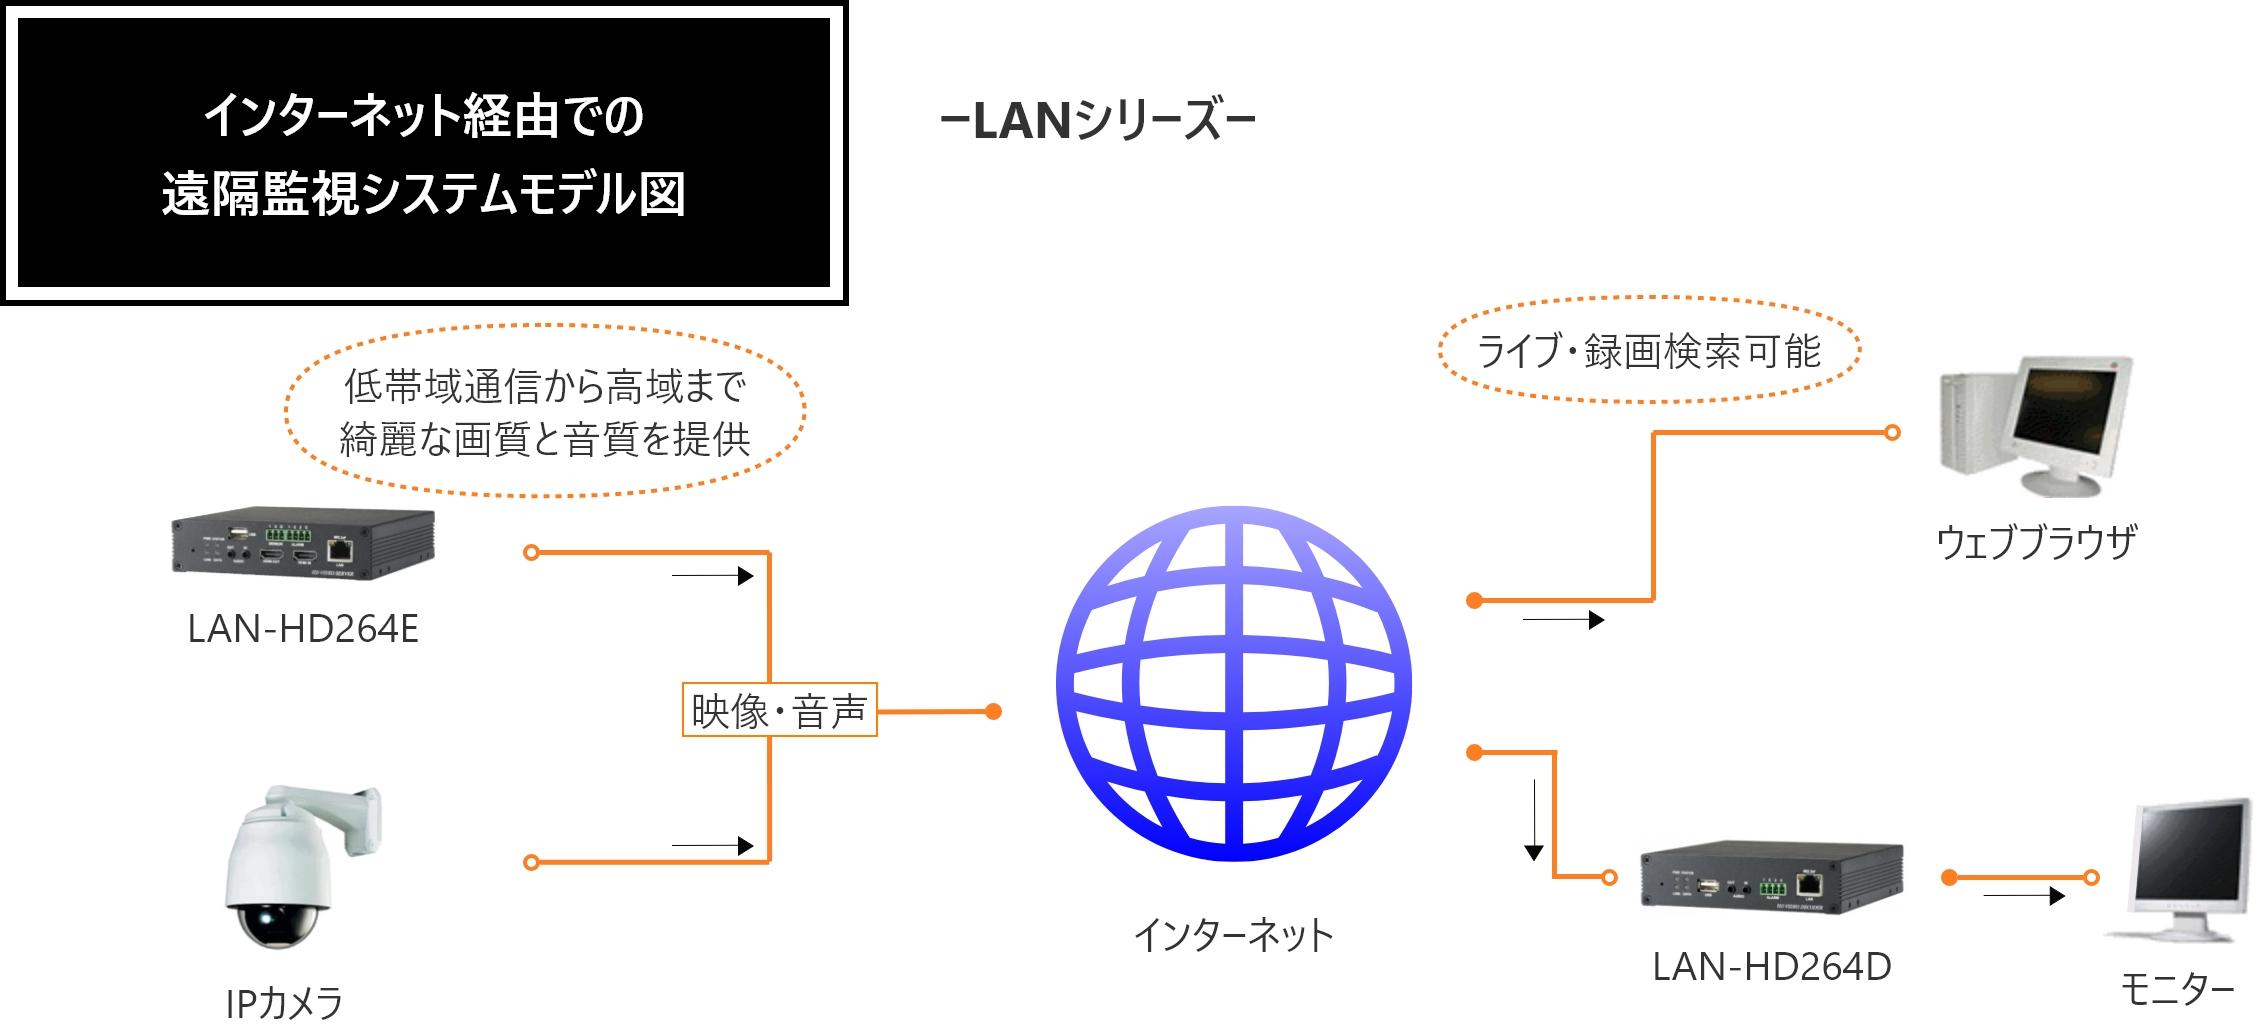 インターネット経由での遠隔監視システムモデル図